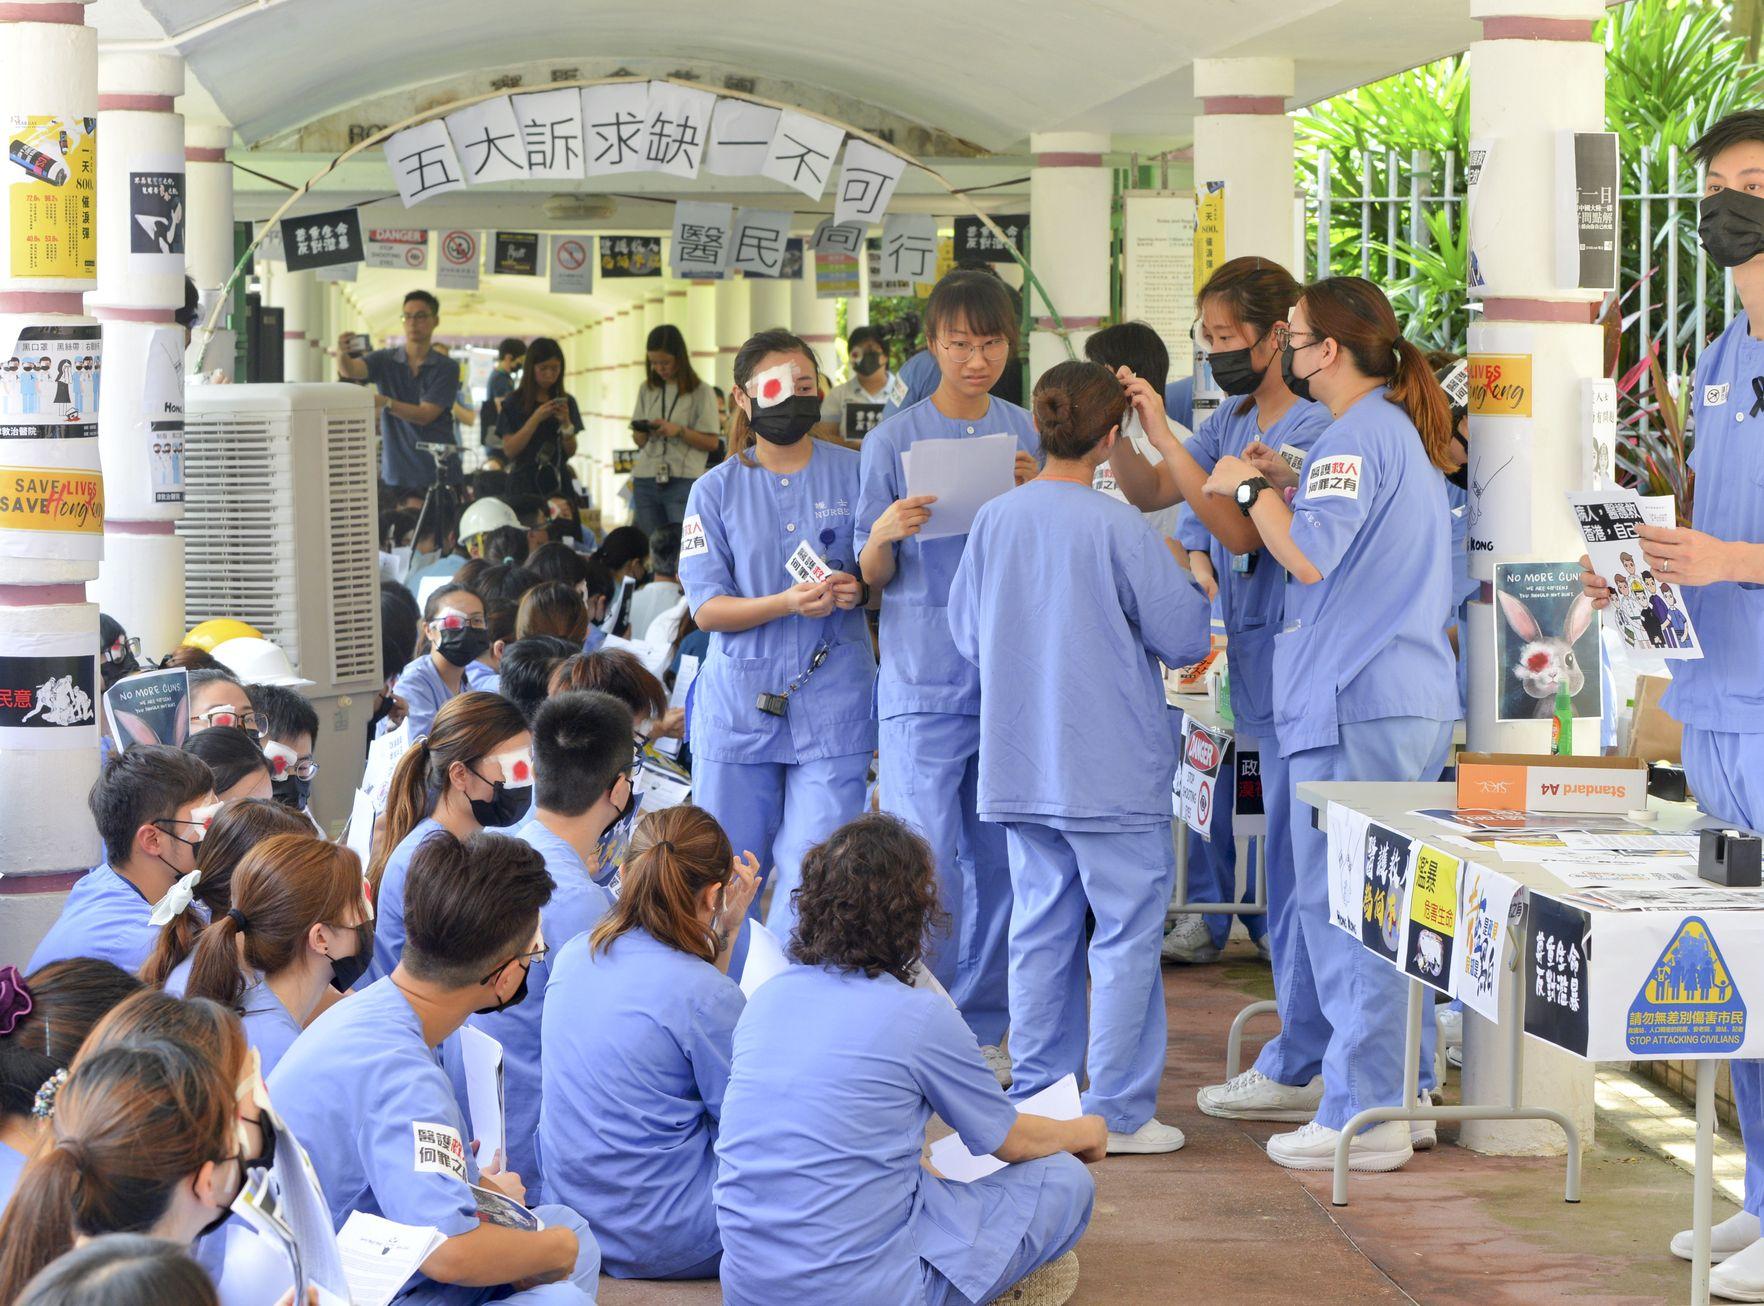 【修例风波】医管局指严肃跟进被捕员工 公立医疗医生协会:定罪前不应惩处